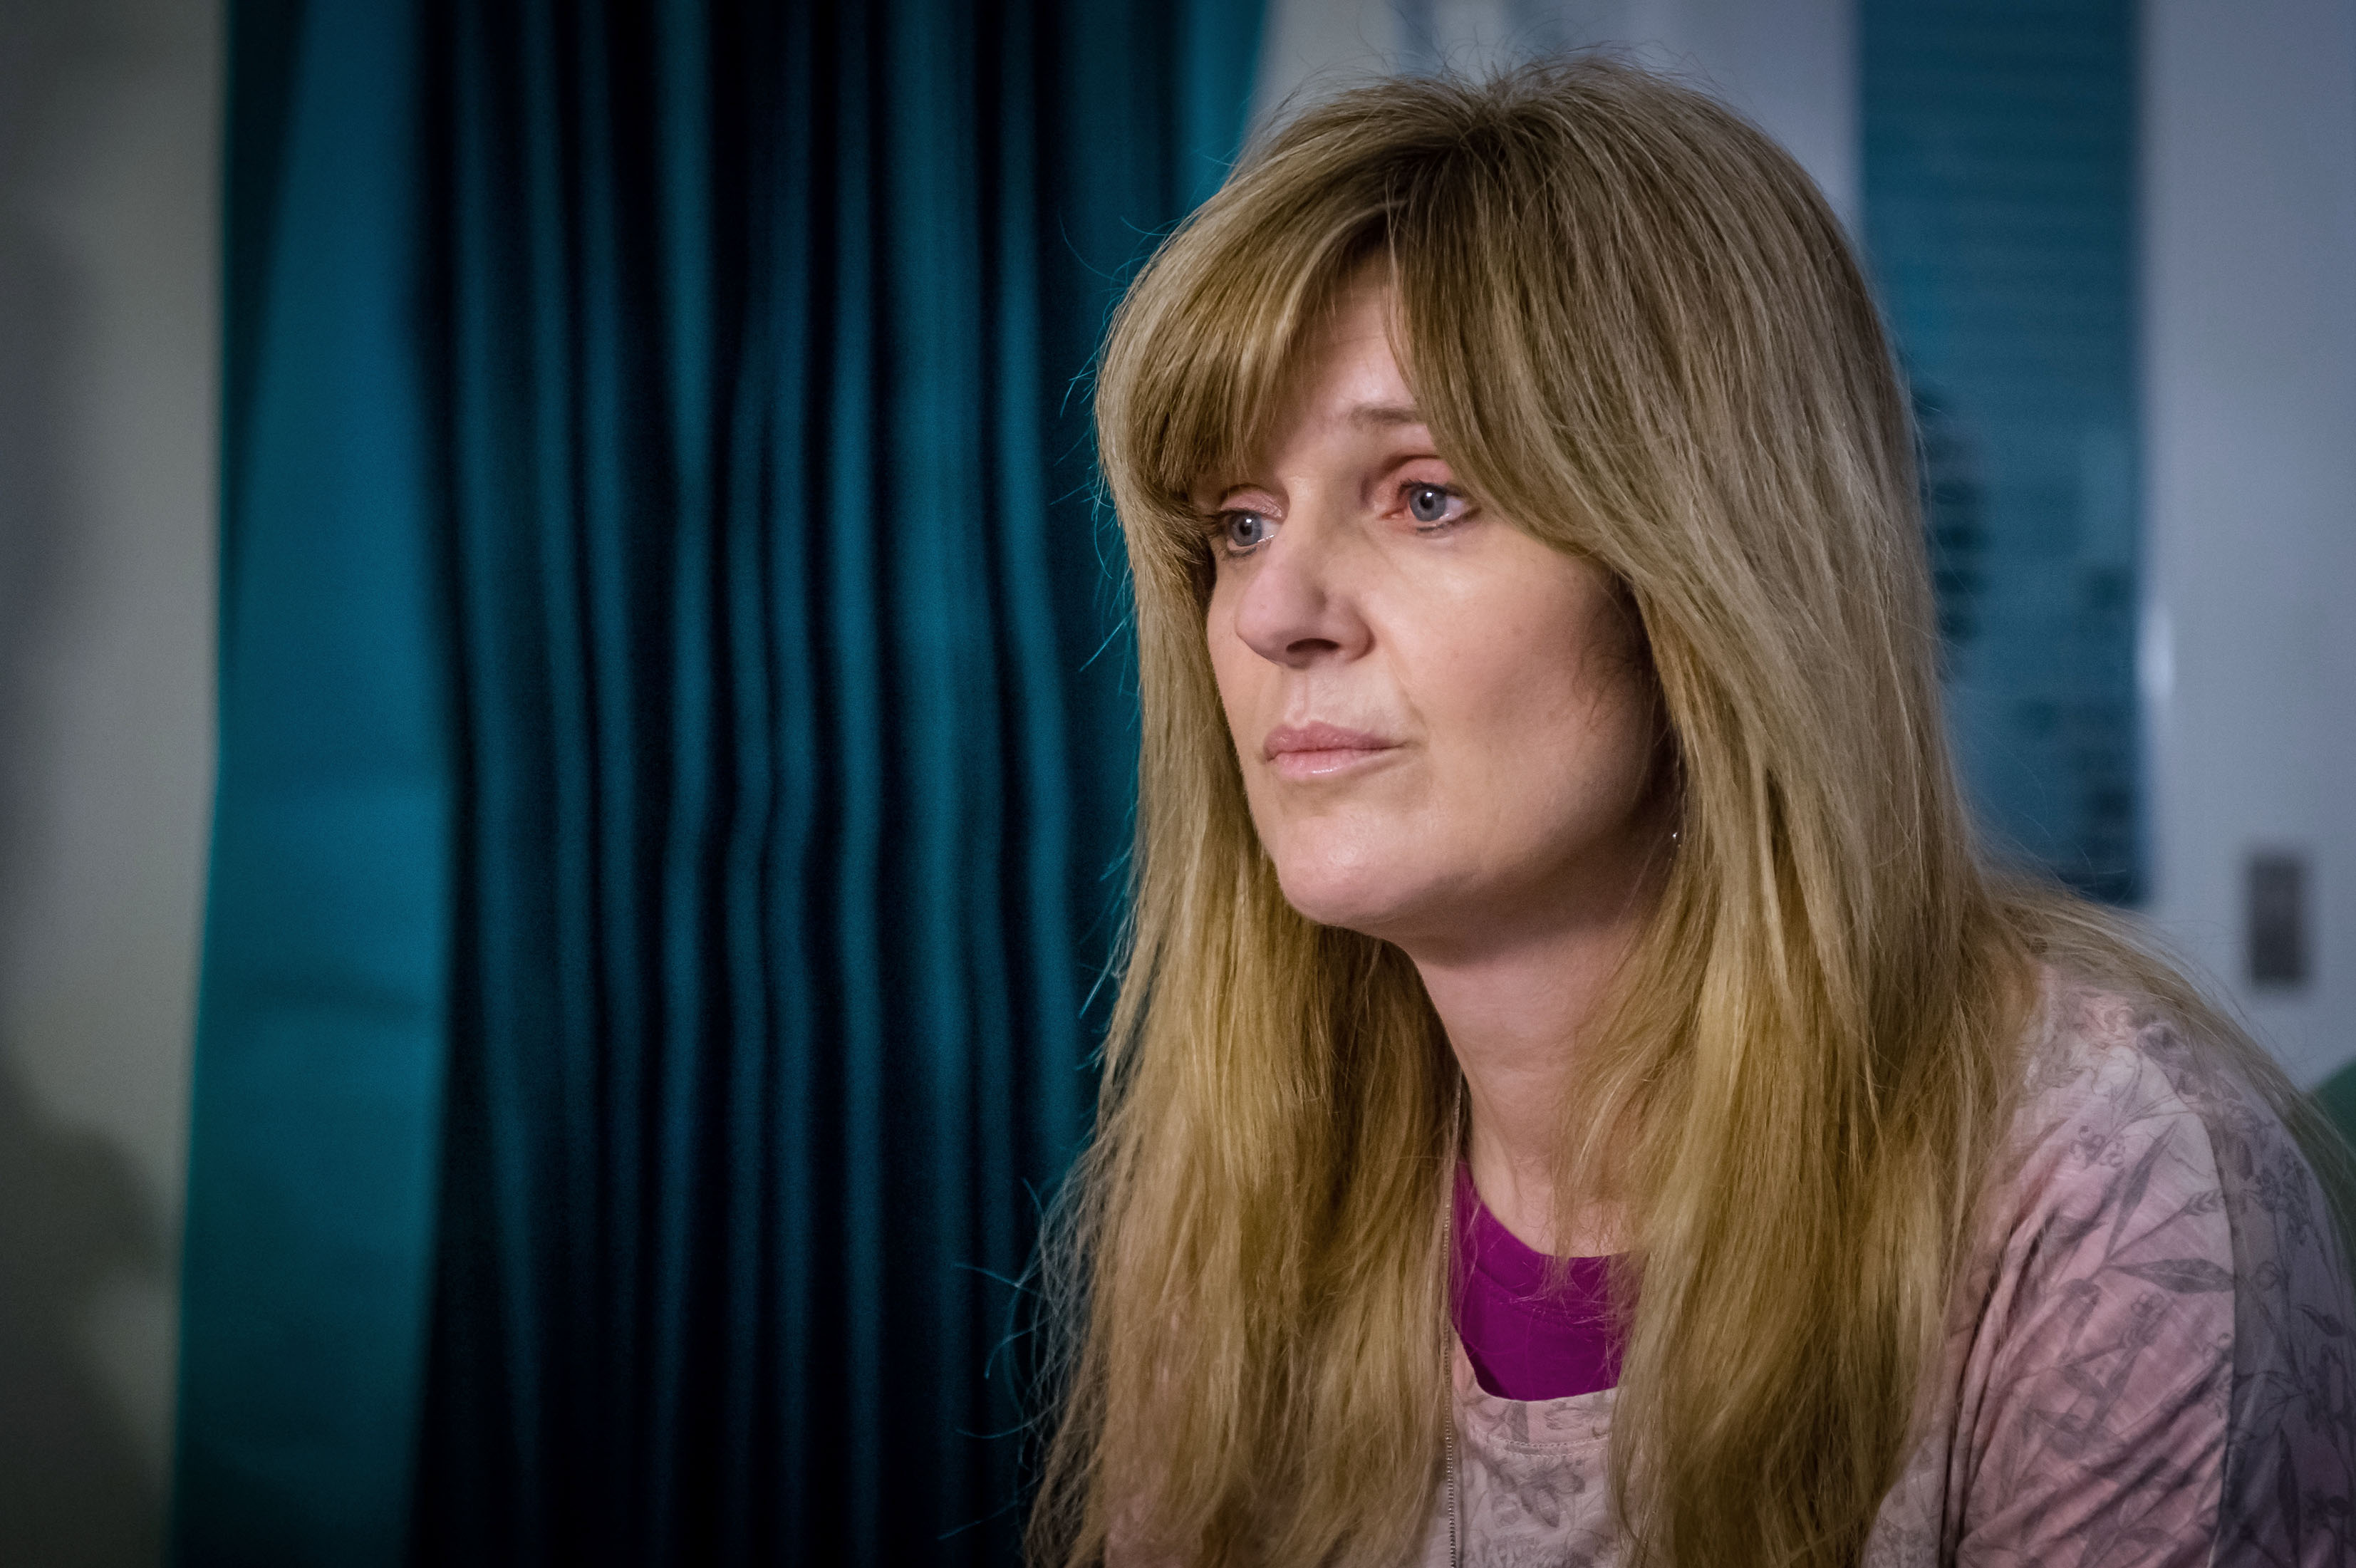 photo Siobhan Finneran (born 1966)